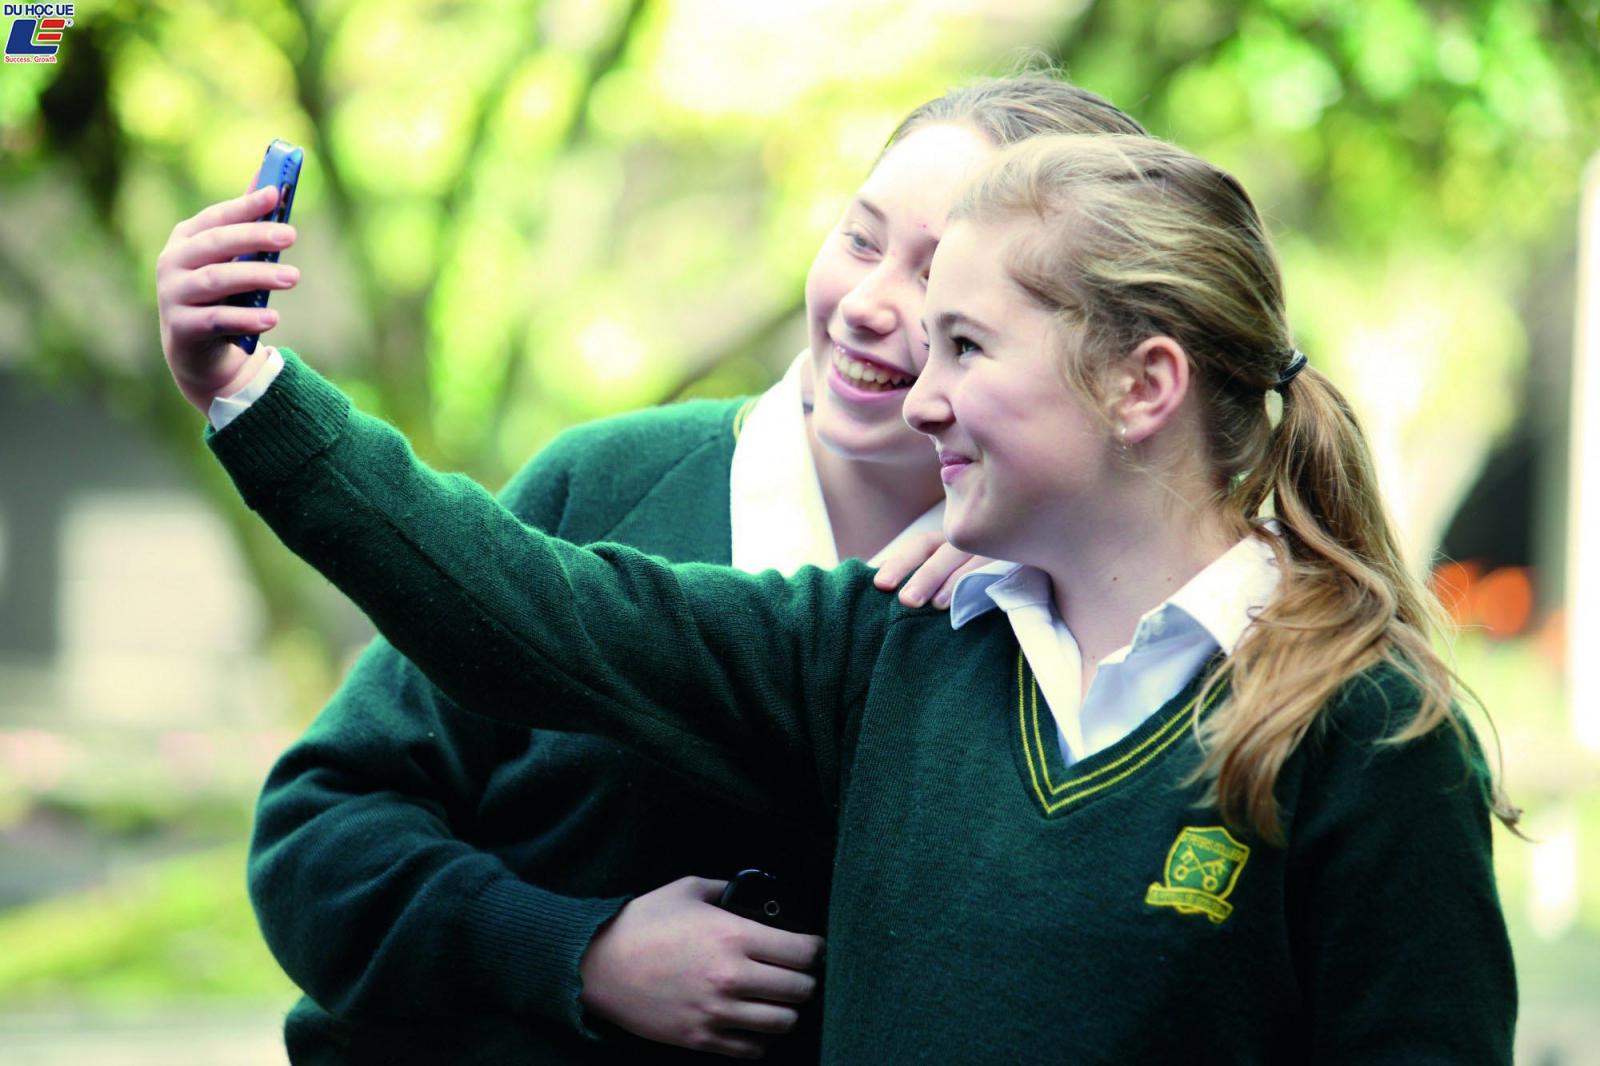 Học bổng hấp dẫn của chính phủ New Zealand dành cho chương trình trung học phổ thông vào trường St. Peter's College 3